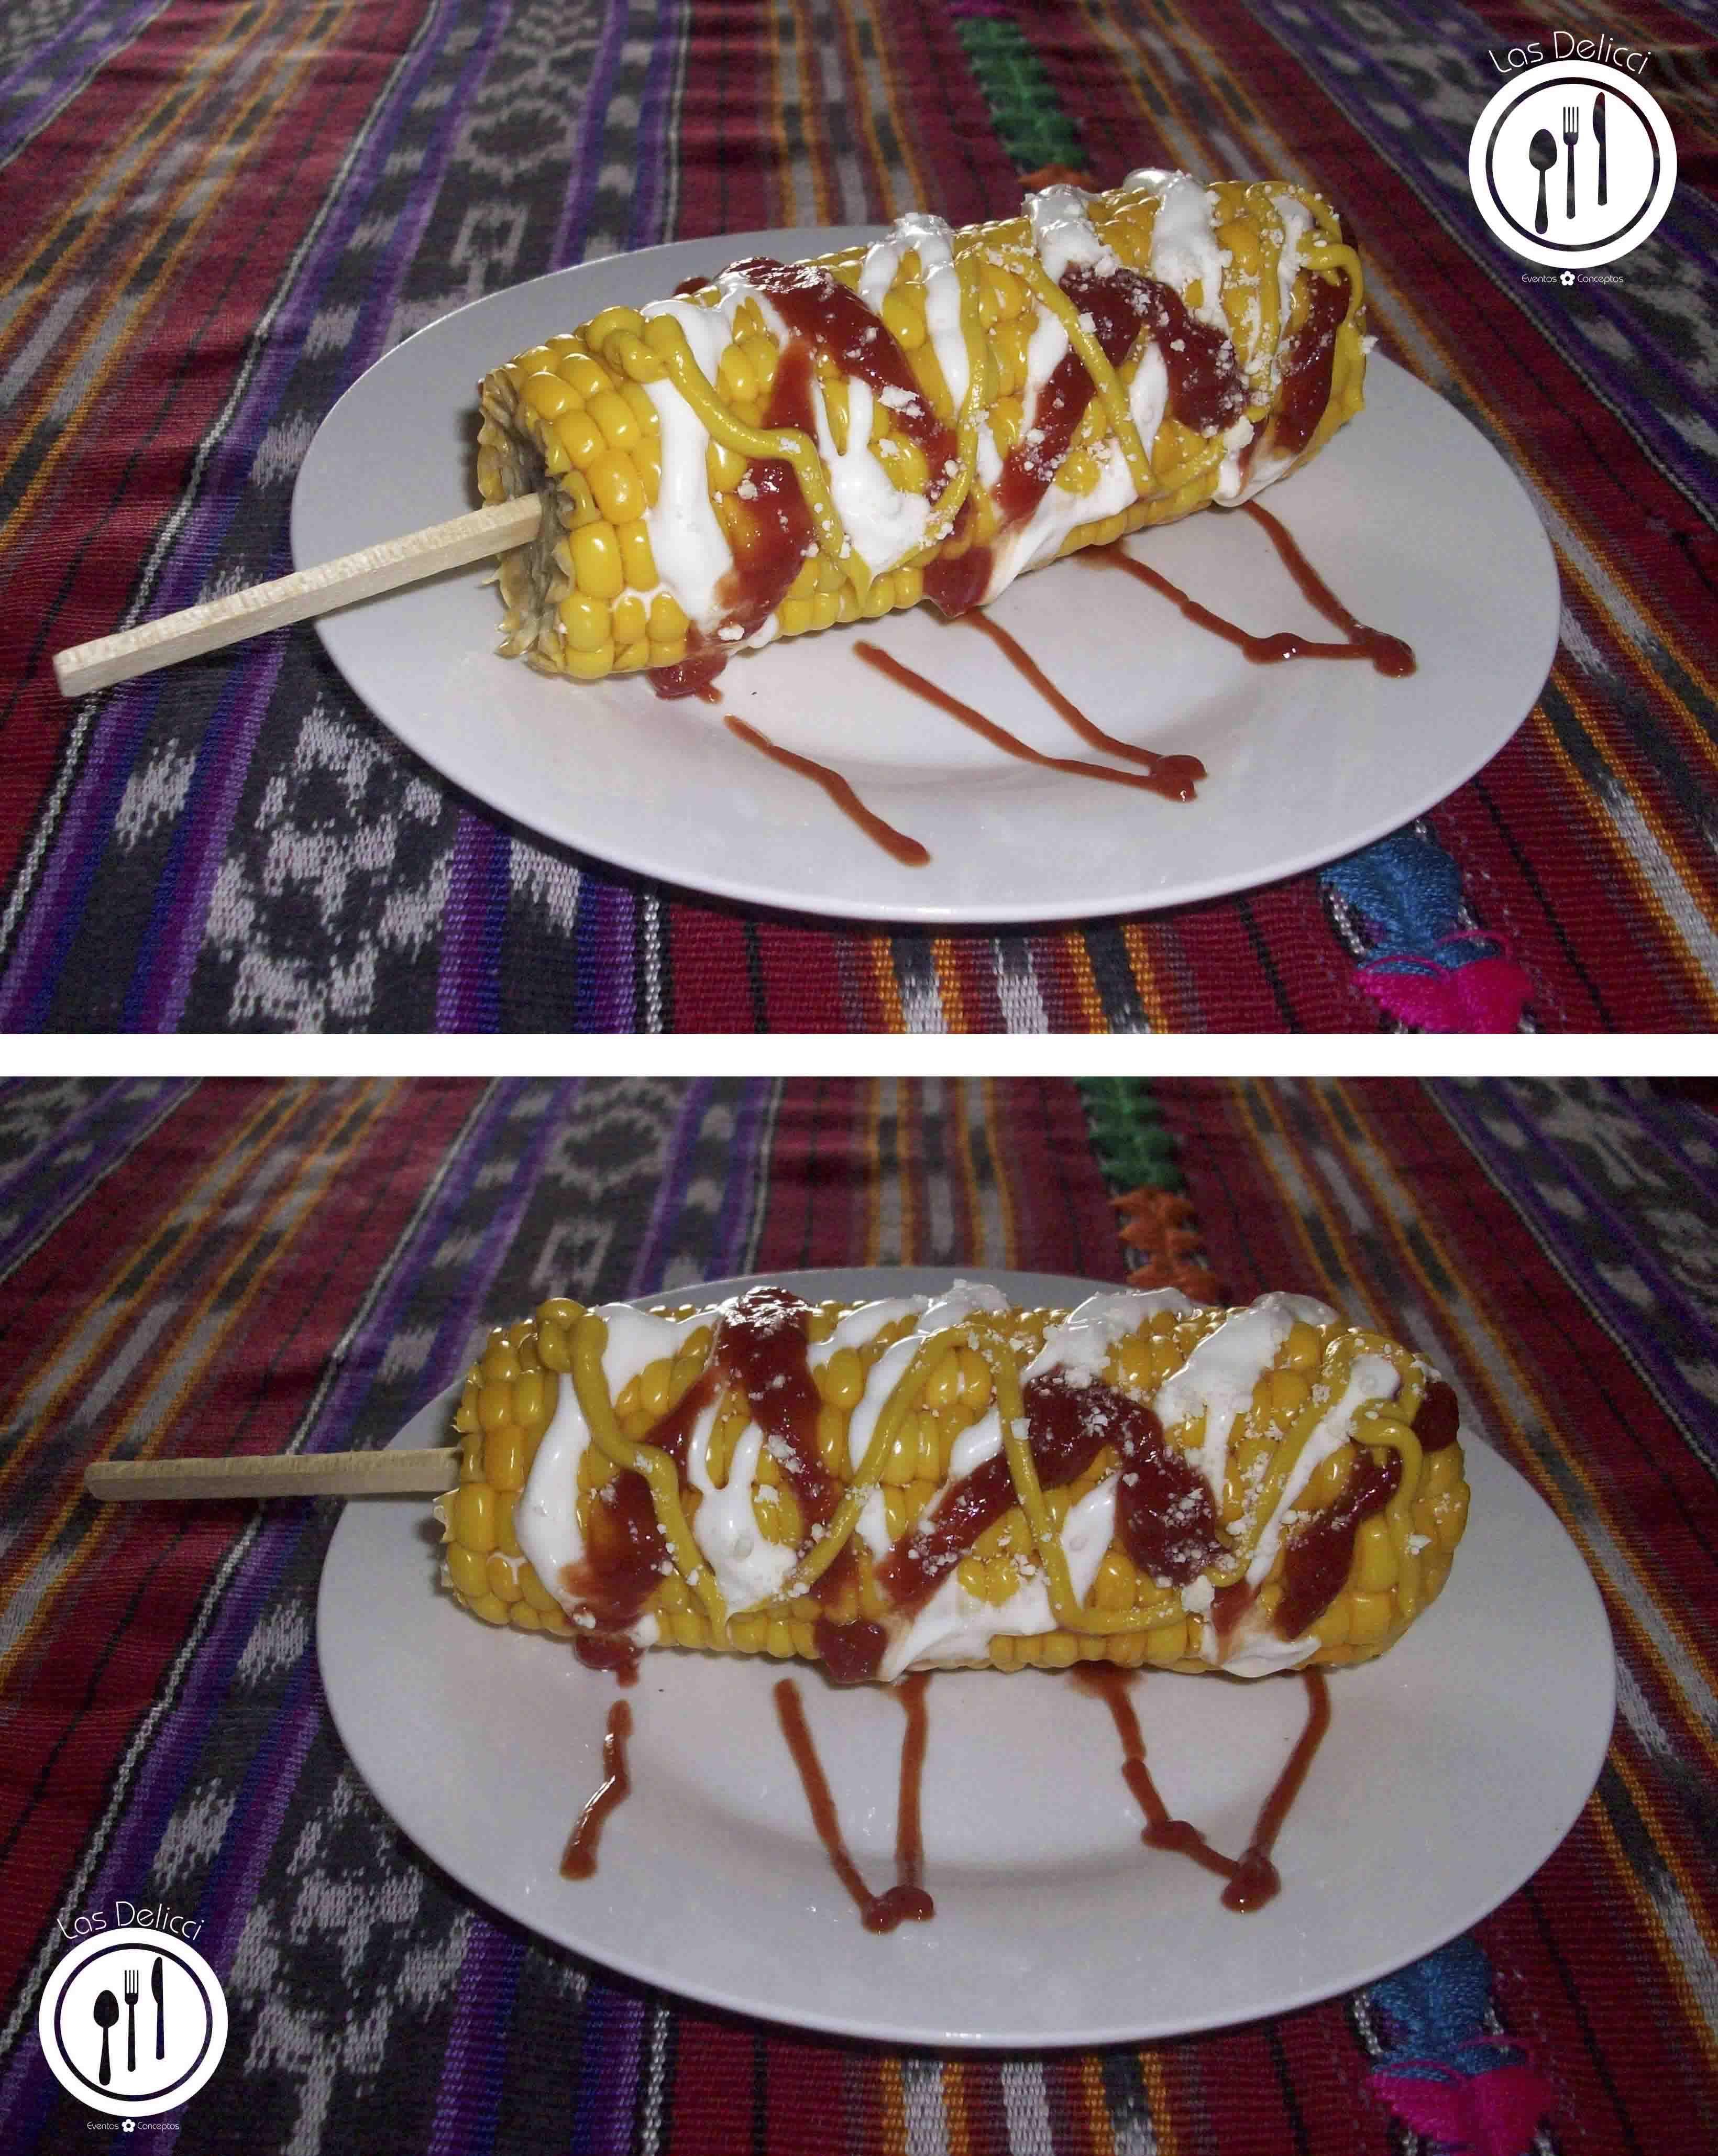 Elote loco: Una delicia guatemalteca que se acostumbra a disfrutar en ferias alrededor de nuestro hermoso país. Preparación: Se pelan los elotes y se  cocinan enteros en agua y sal. Al estar cocidos se coloca un palito en uno de los extremos de cada uno para poderlo sujetar. Luego se procede a aderezarlo con un toque de mayonesa, salsa ketchuo o salsa dulce y mostaza. Por último se espolvorea de delicioso queso seco. Mmm... una delicia!